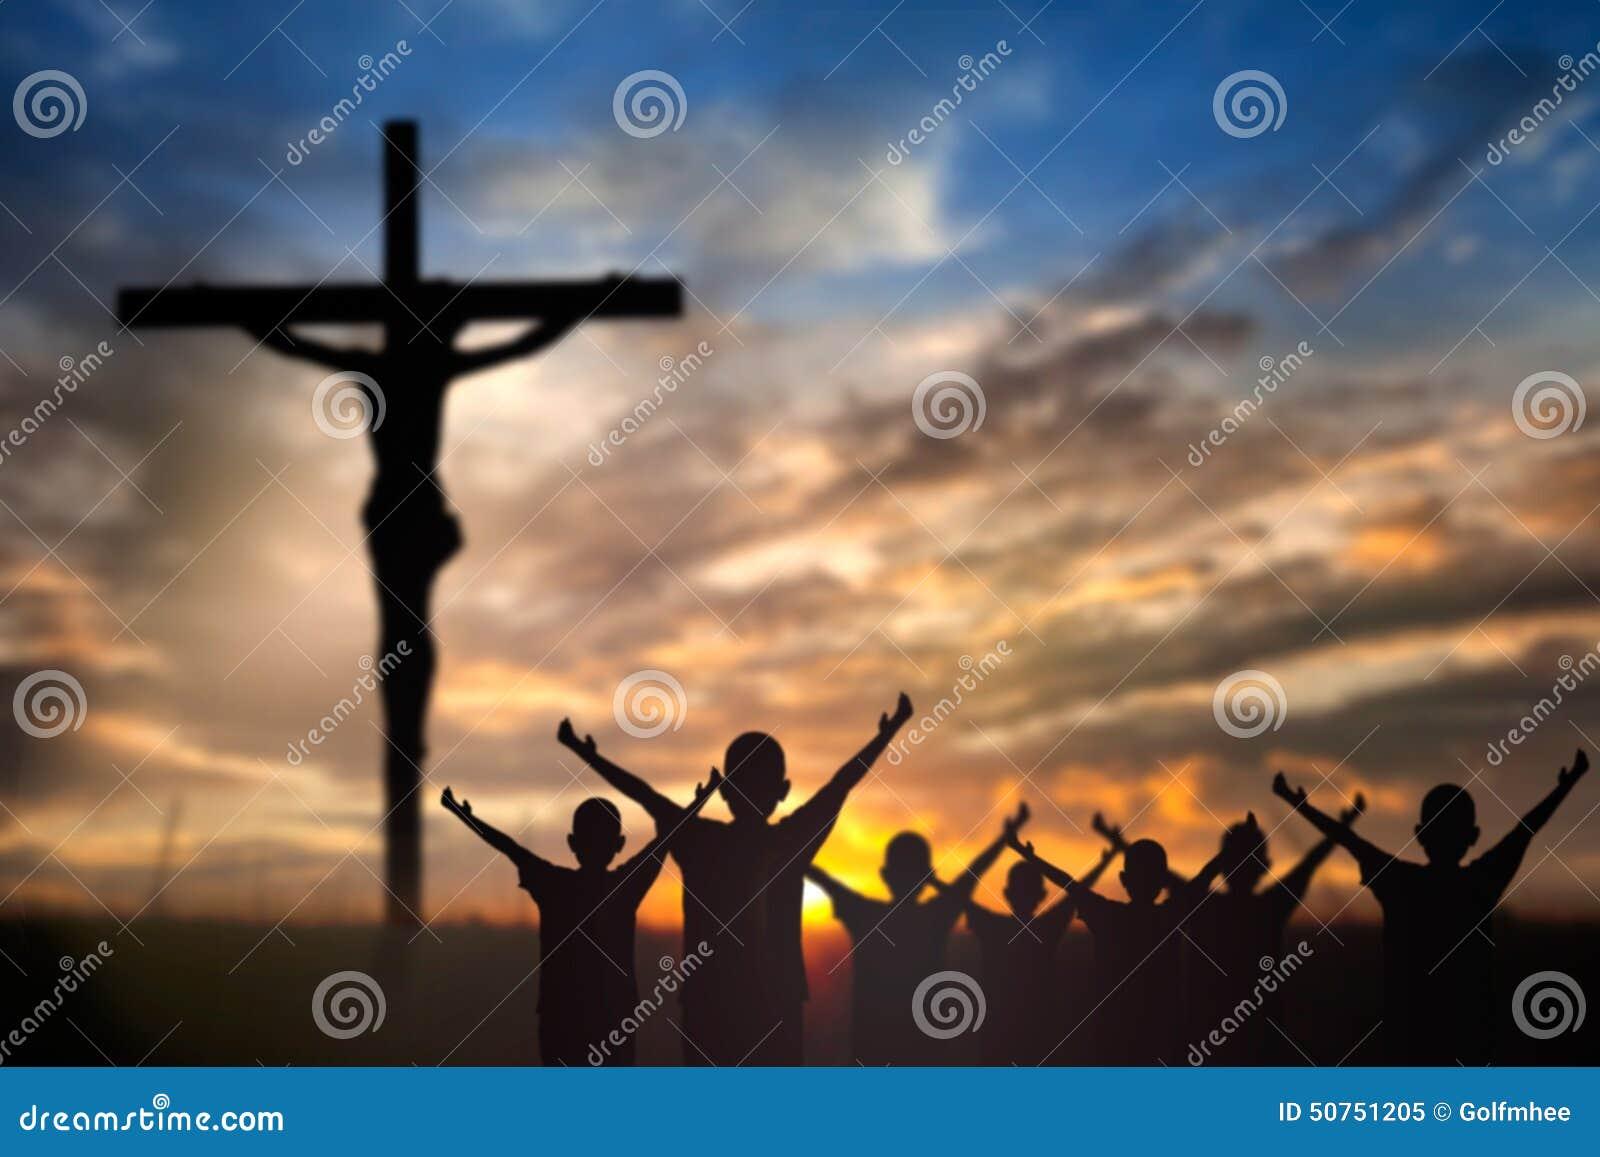 Culte Jésus sur la croix